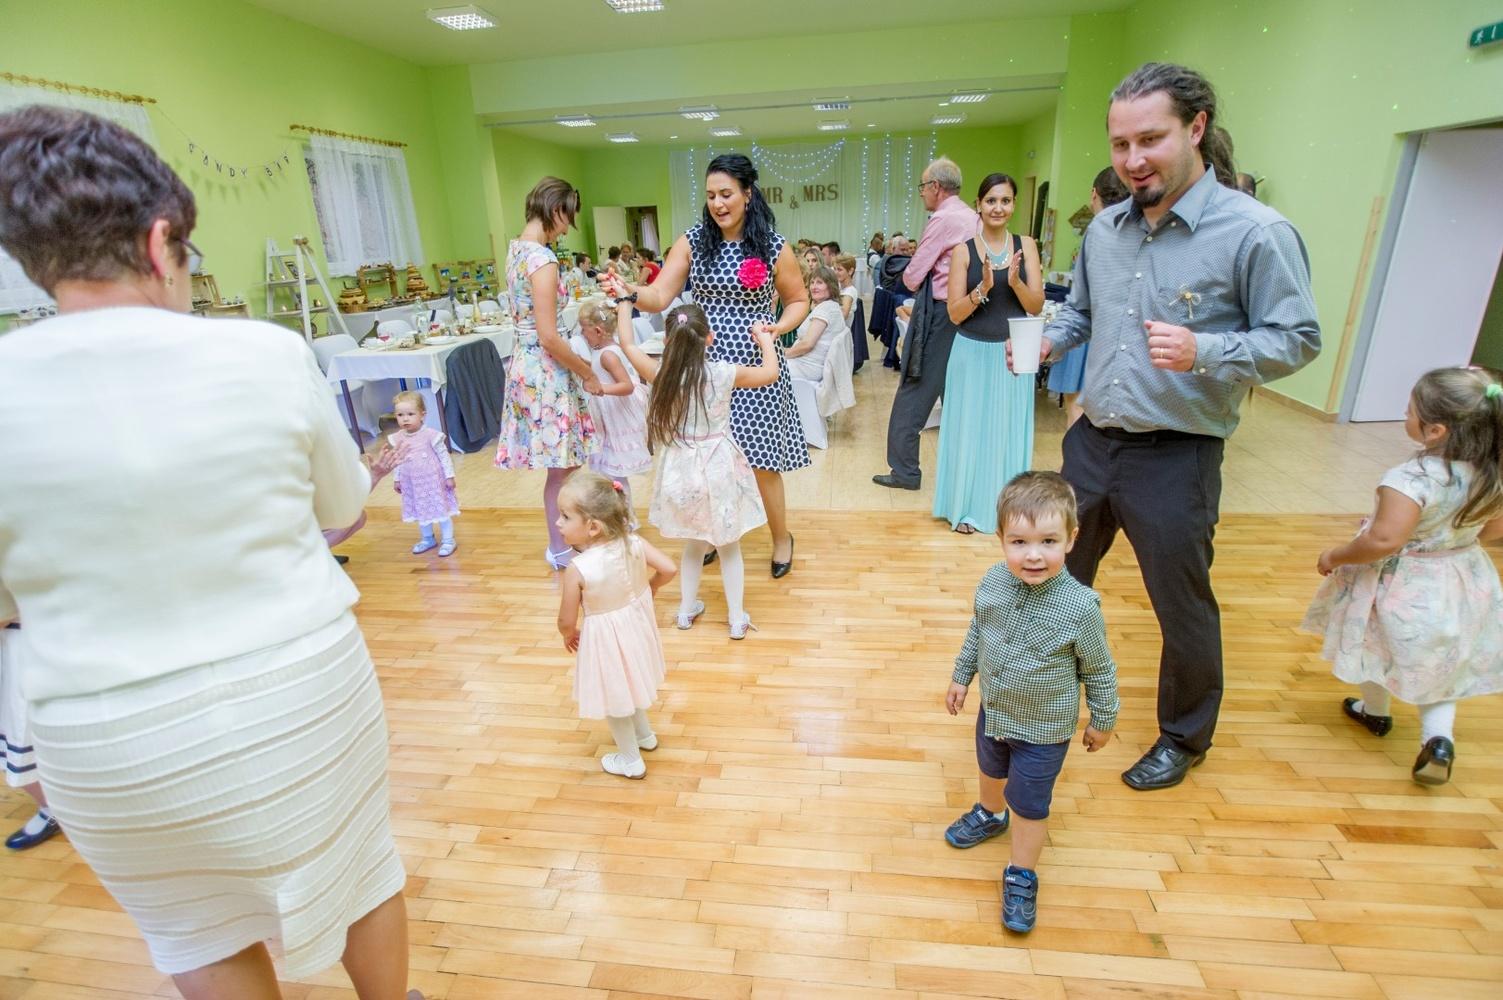 http://www.fotoz.sk/images/gallery-8/normal/eskuvoi-fotos_svadobny-fotograf_507.jpg